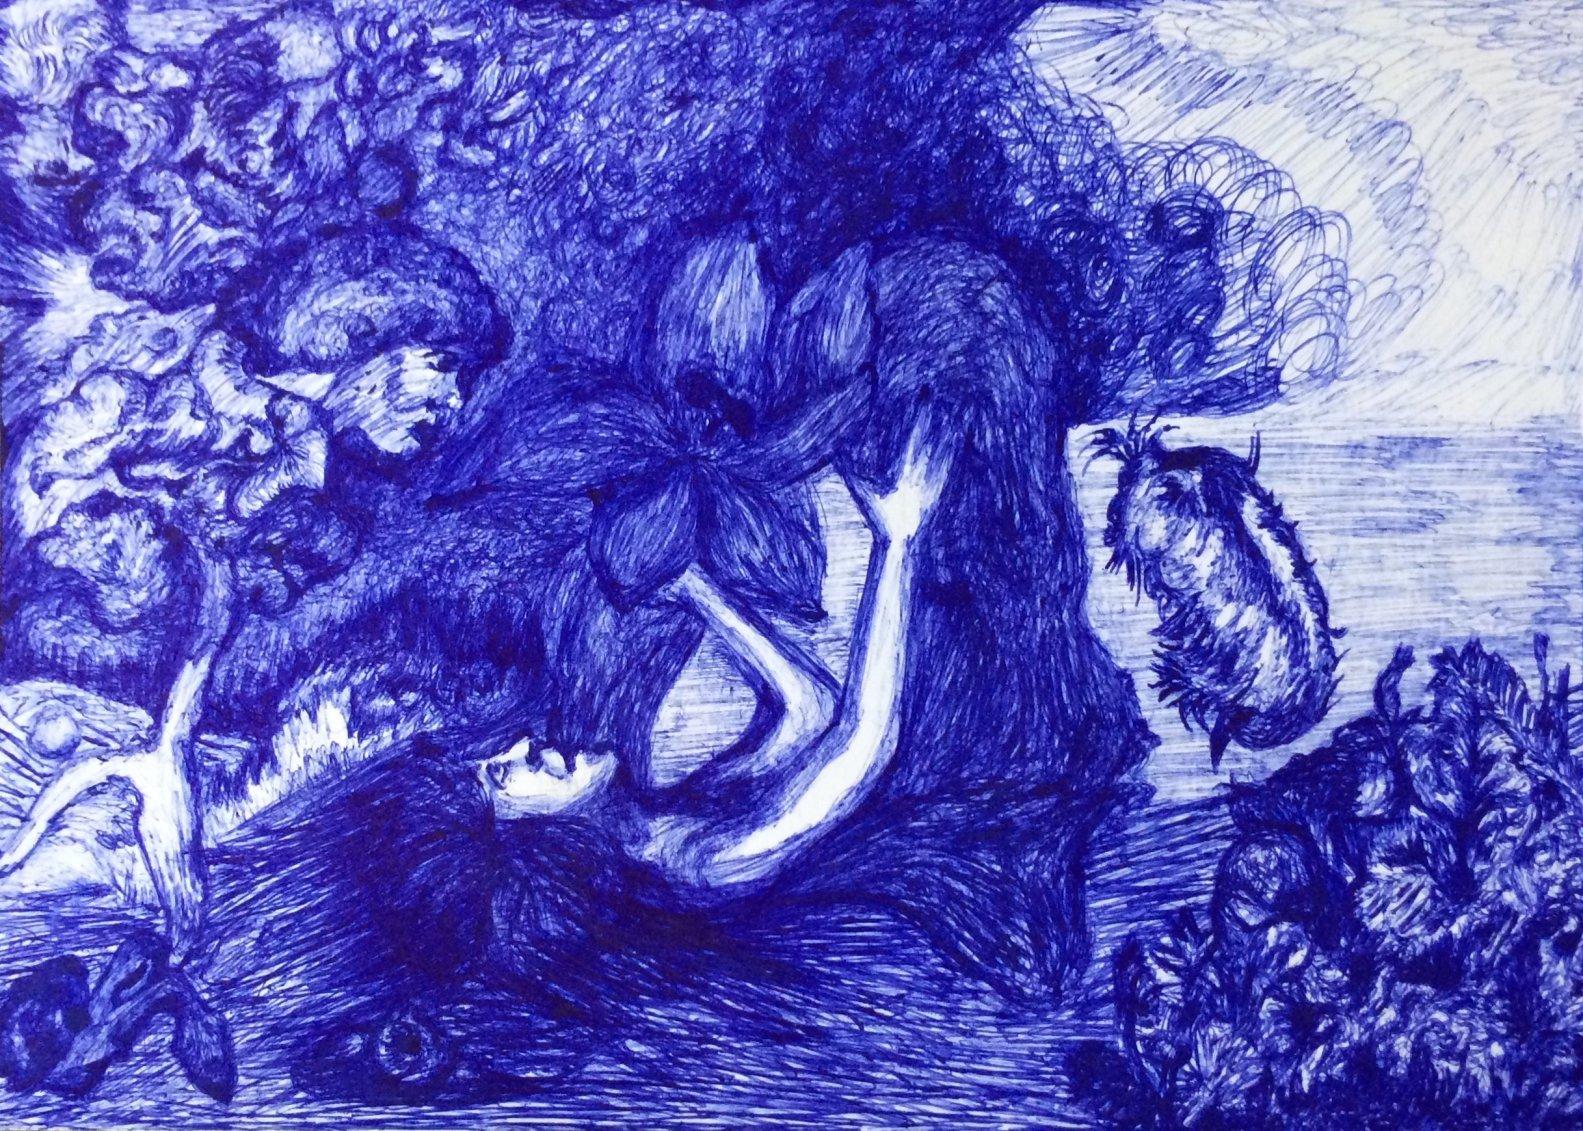 Isadora Duncan me habla 5 (2020) - Consuegra Romero